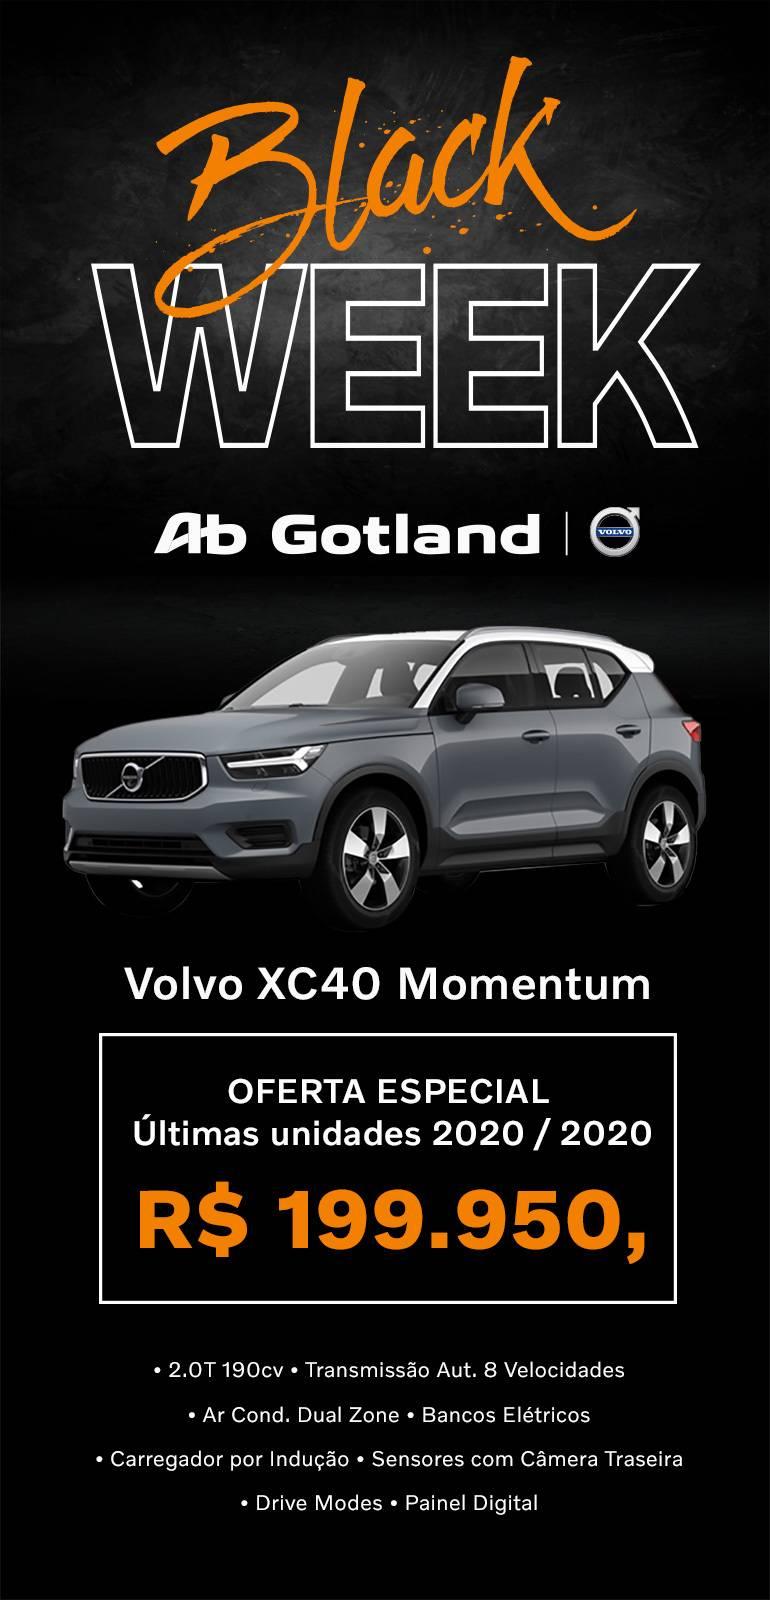 Black Week Volvo